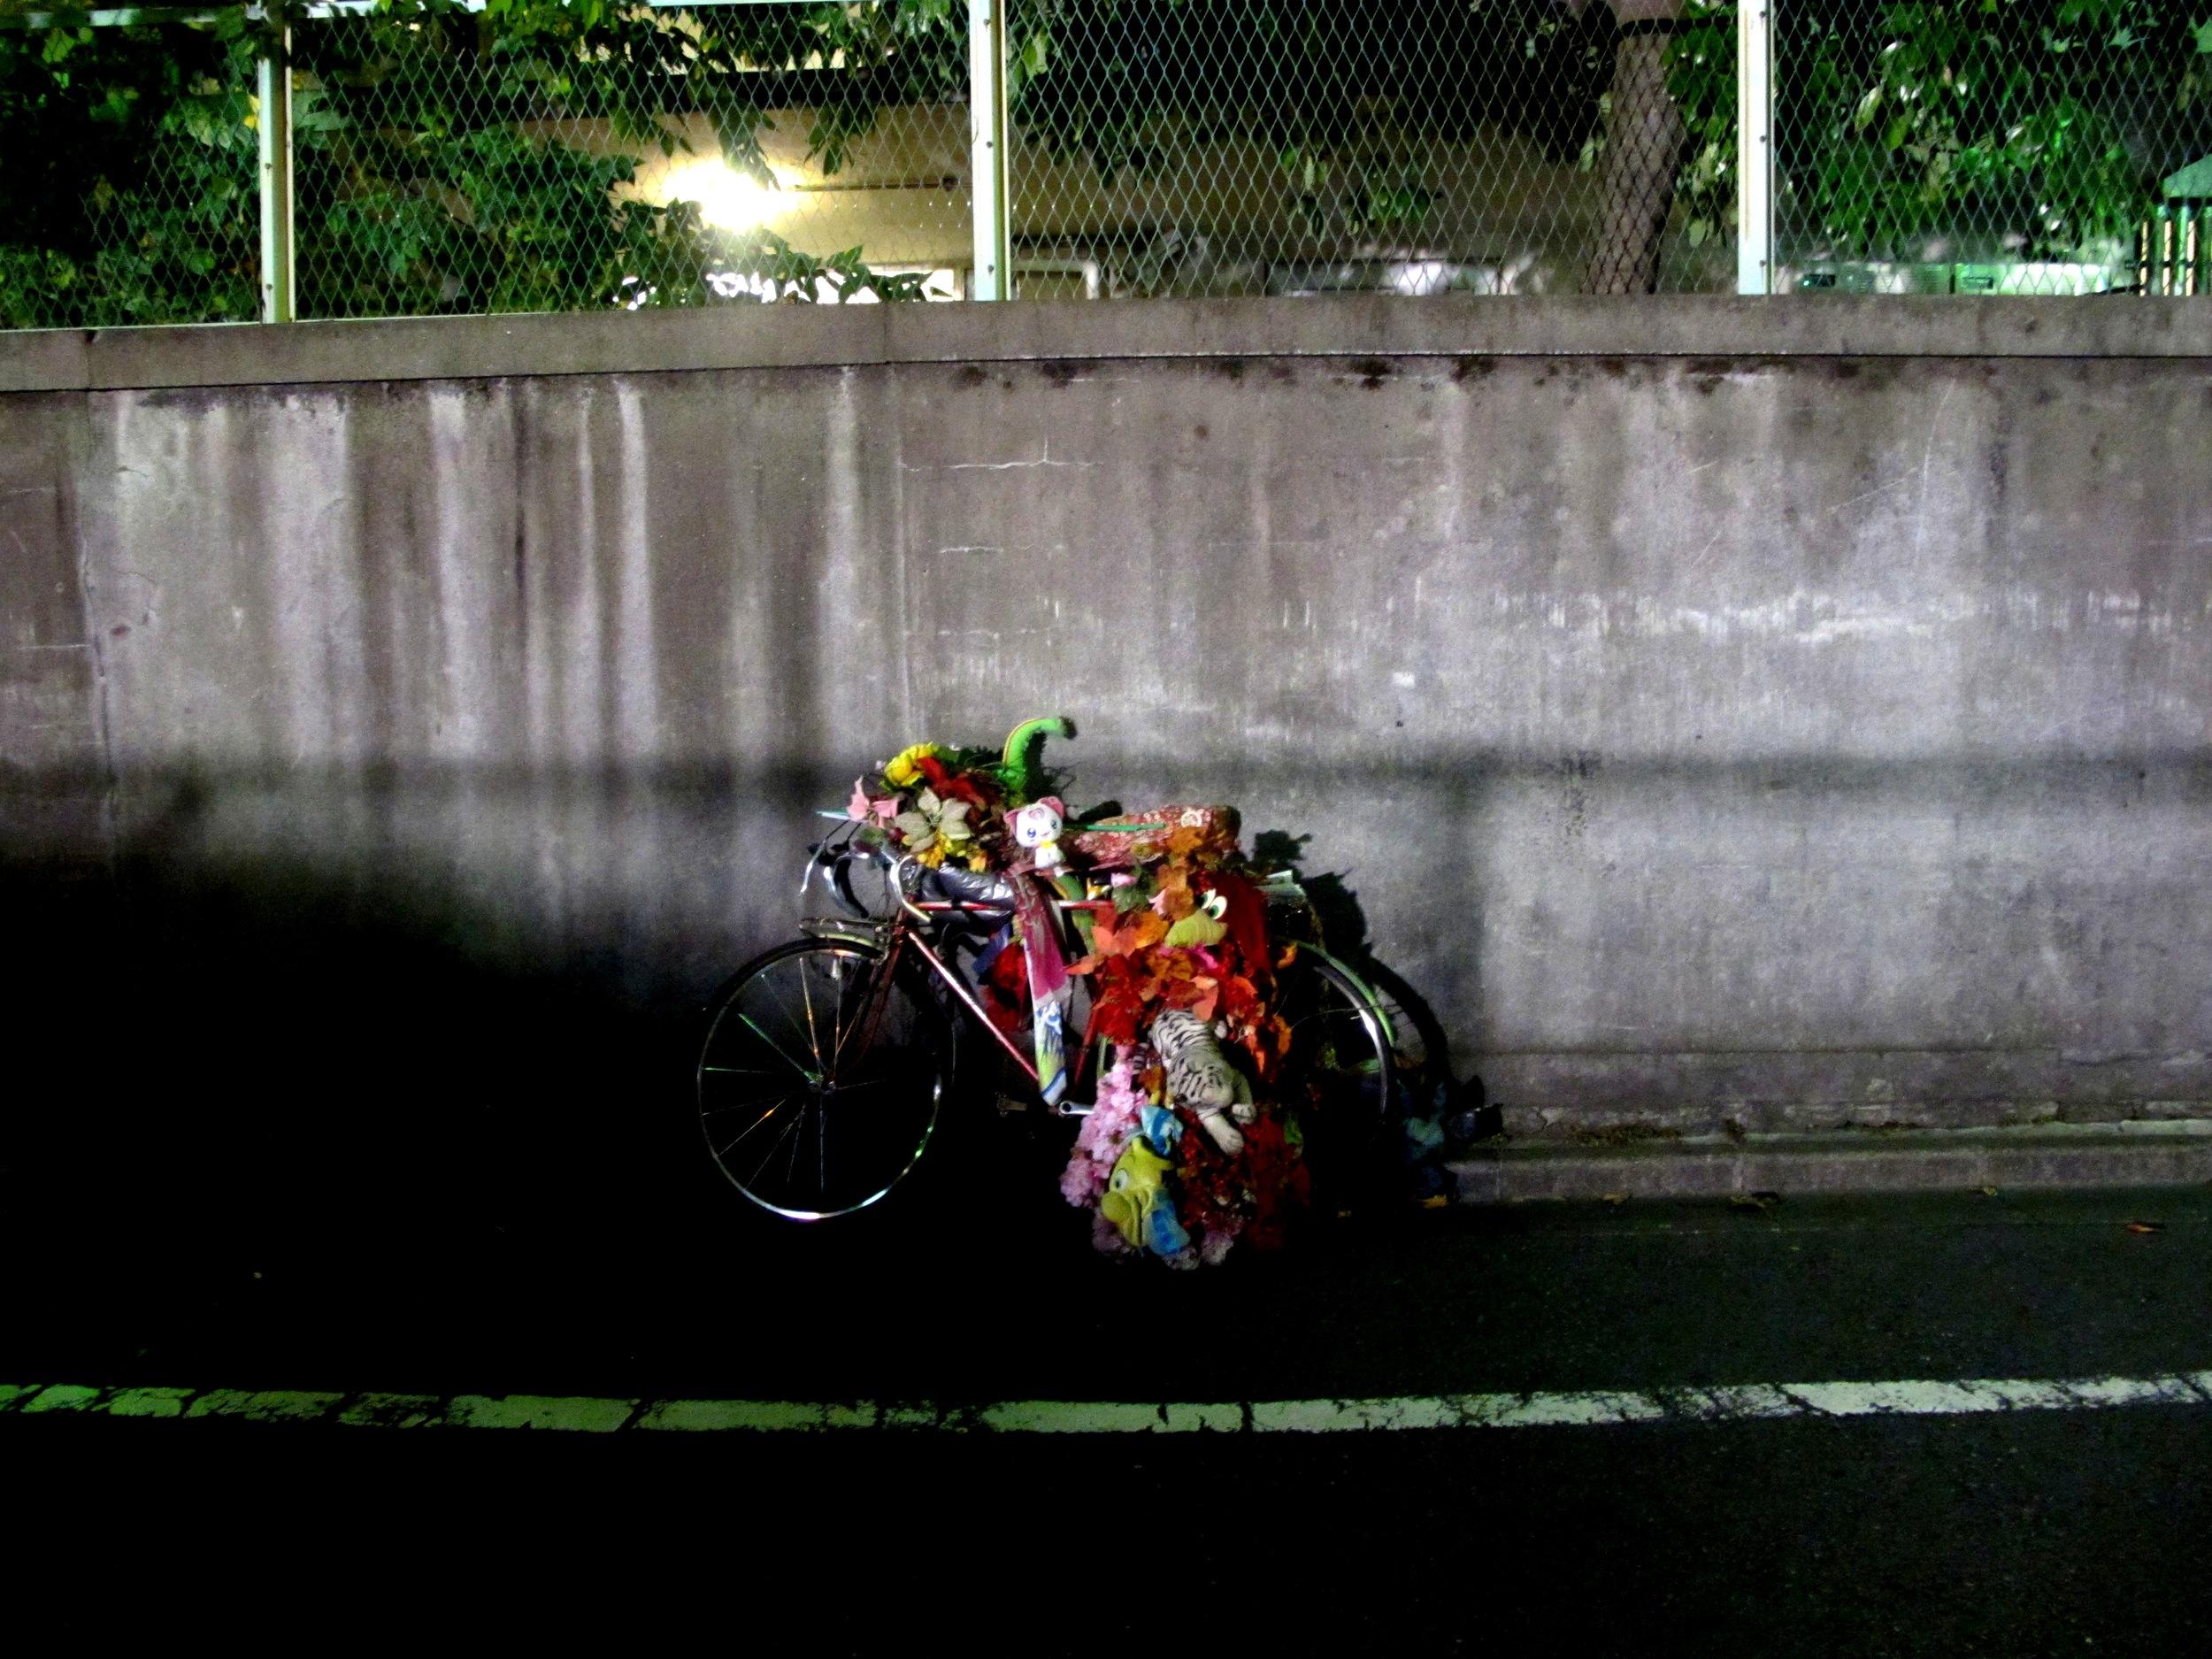 shinjuku, tokyo / 2013